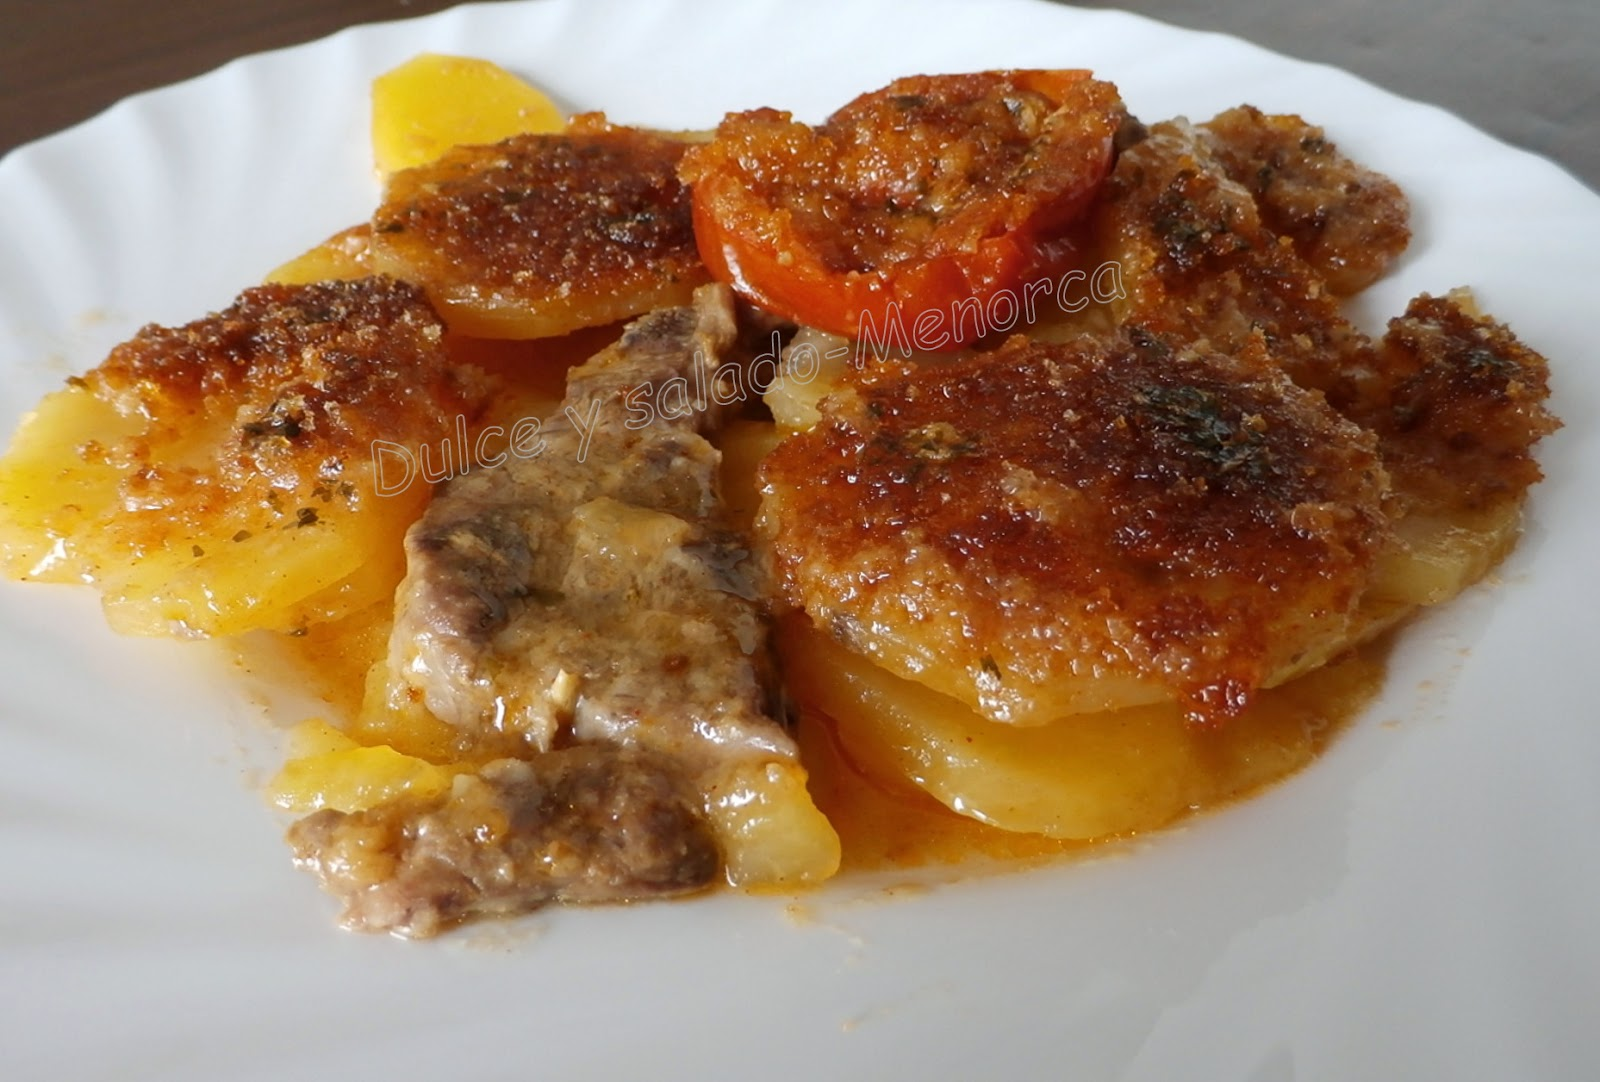 Dulce y salado menorca patatas asadas con chuletas de cordero - Chuletas de cordero al horno con patatas ...